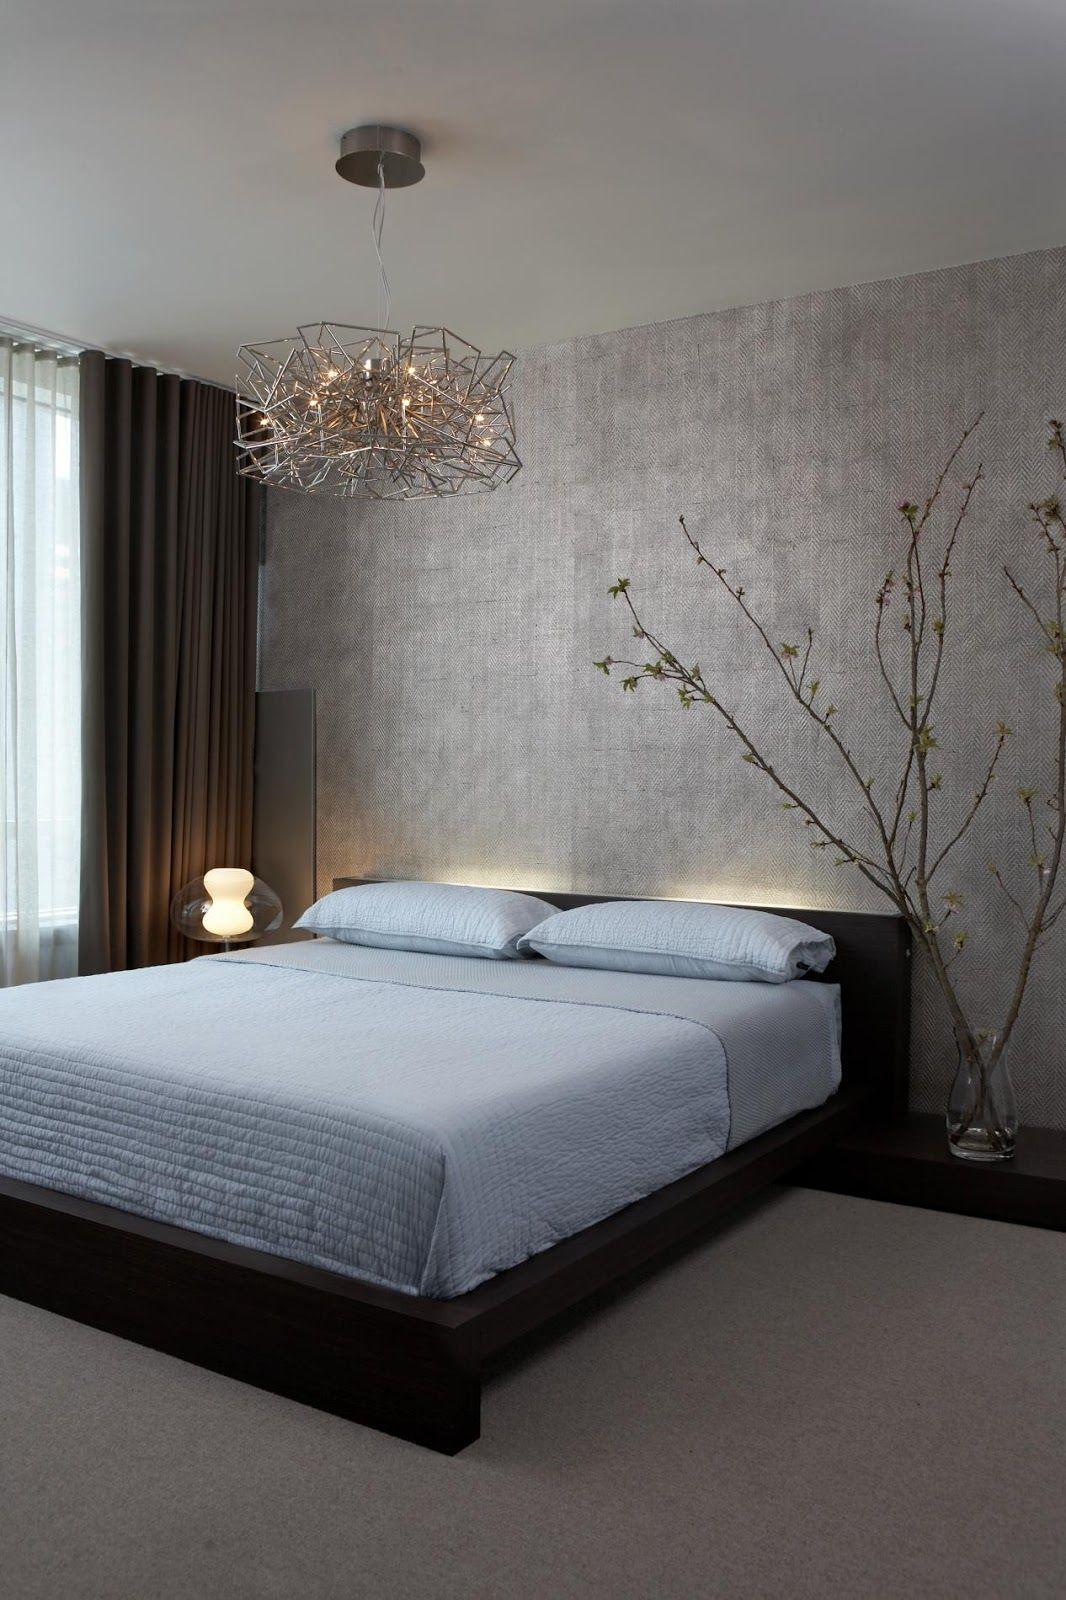 19 mẫu phòng ngủ hài hòa và thư thái theo phong cách Zen - Ảnh 17.